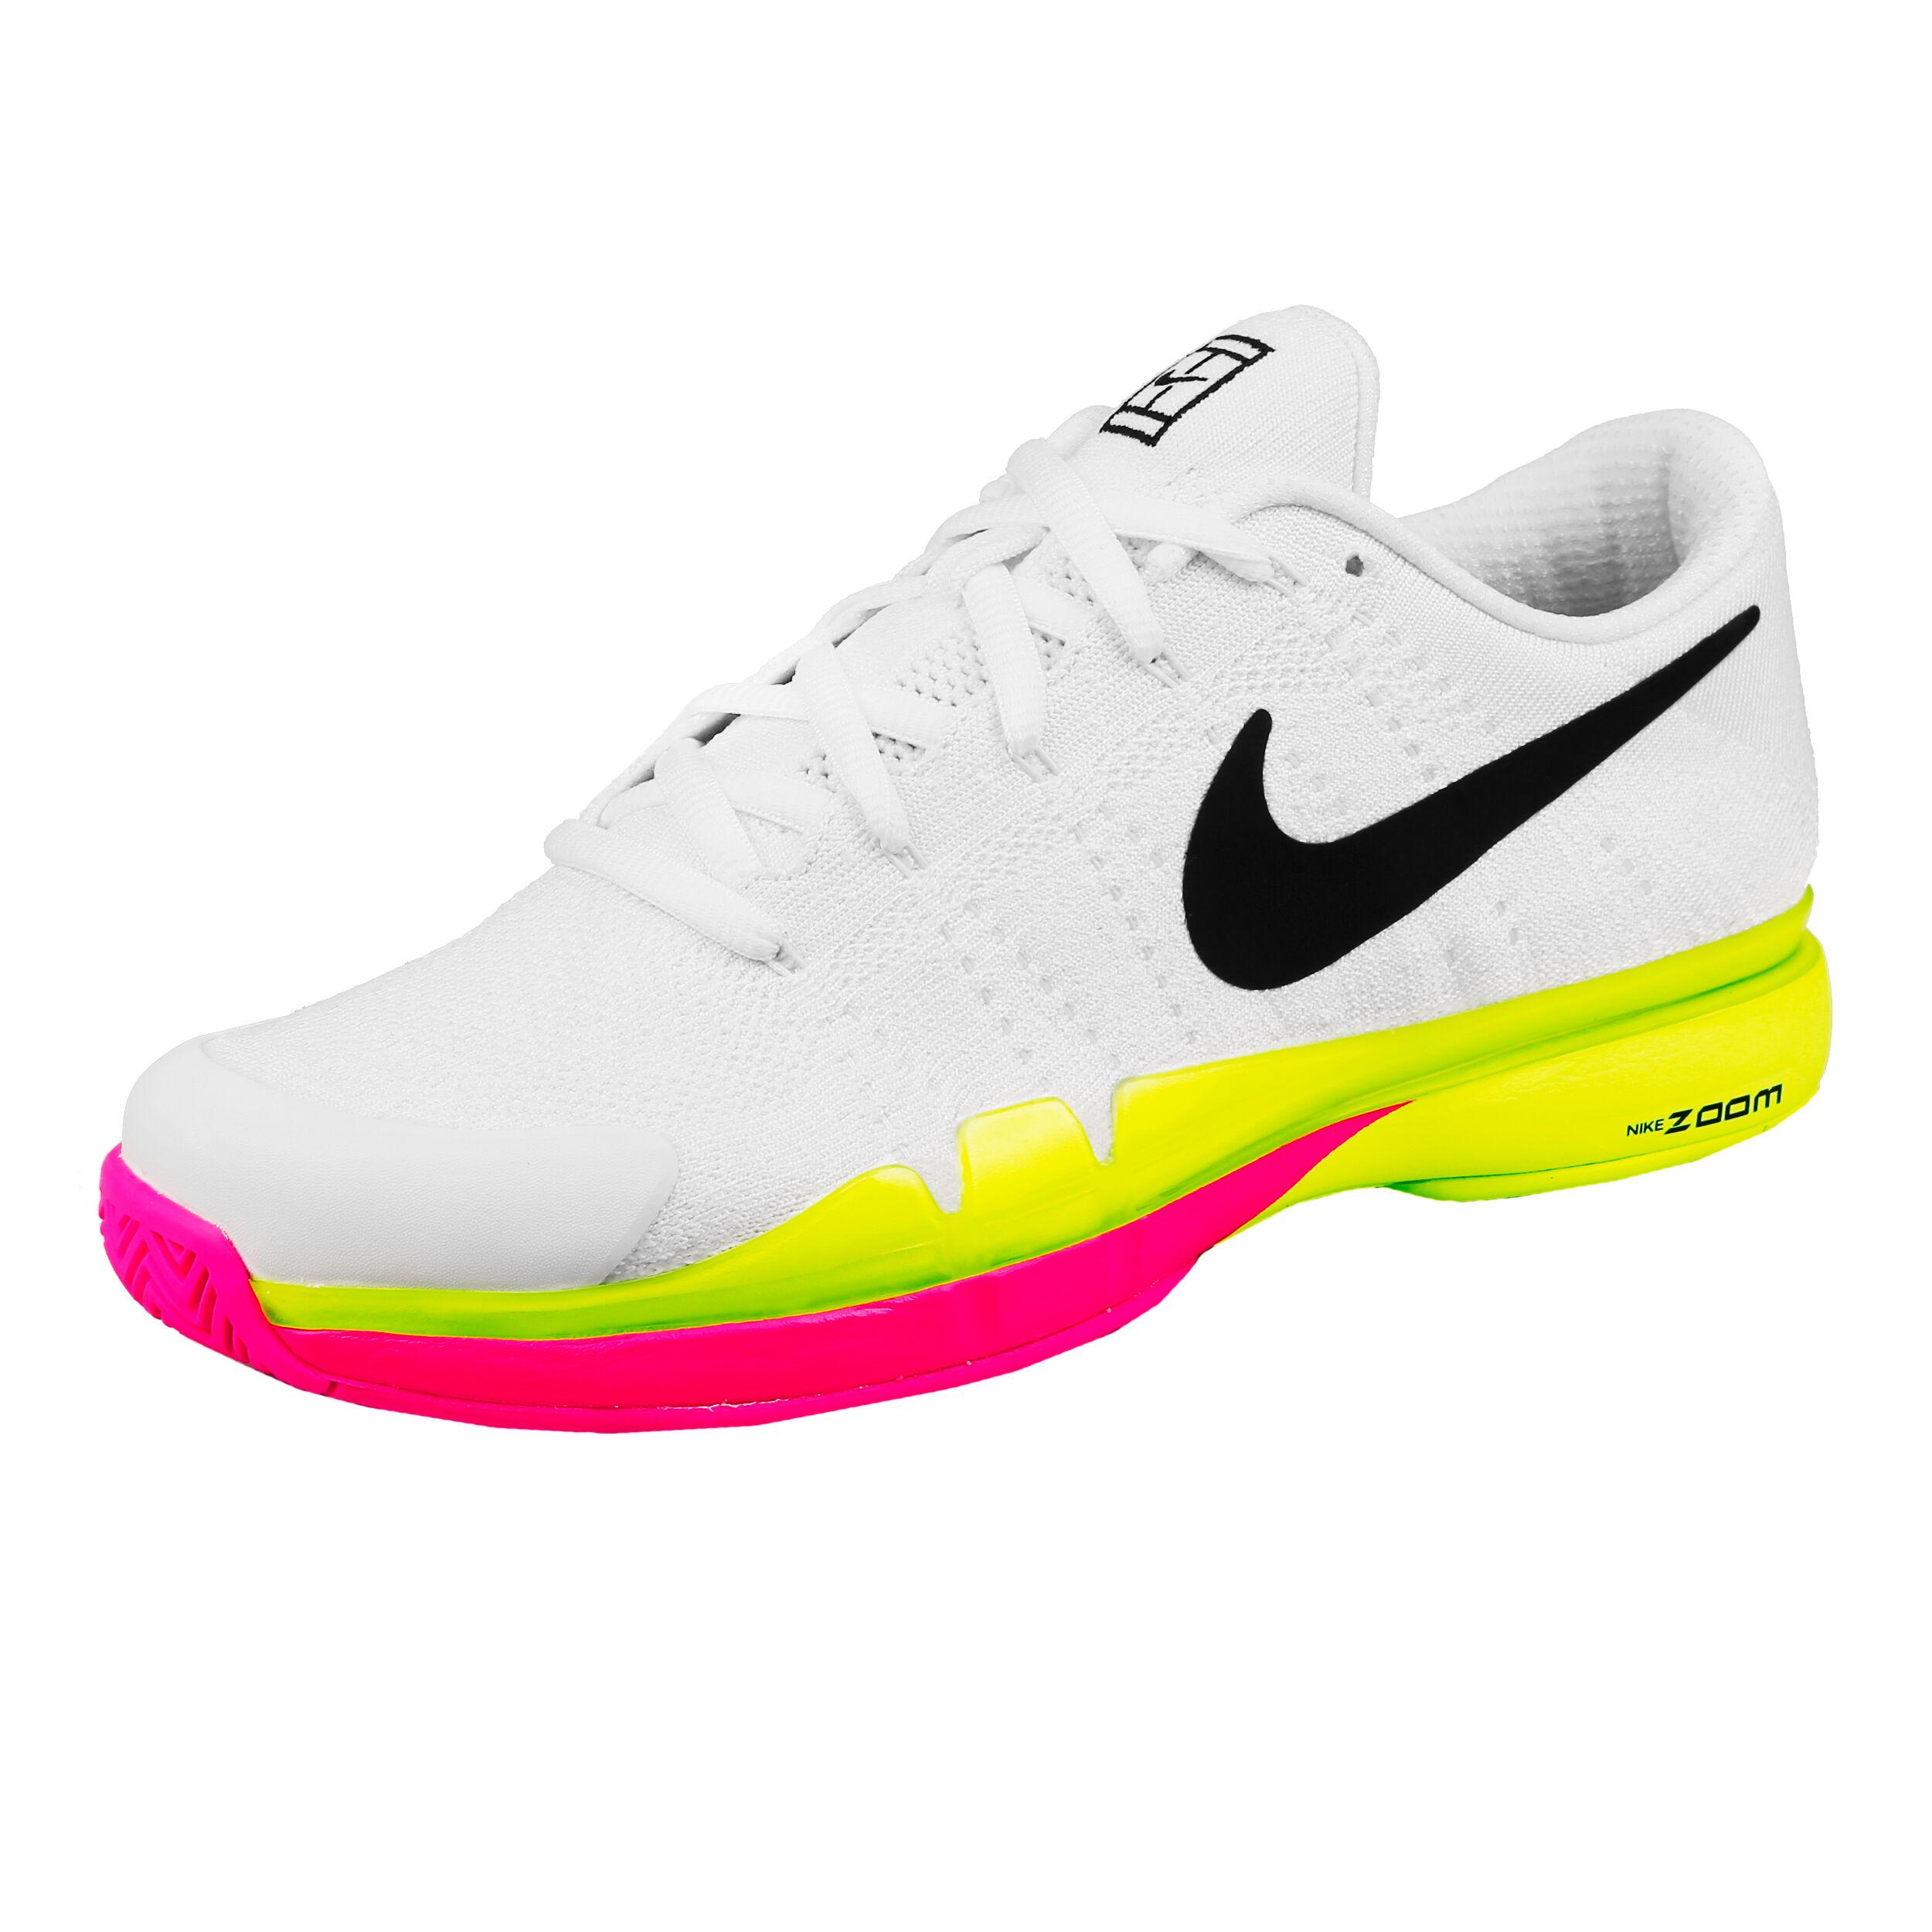 Nike Roger Federer Zoom Vapor 9.5 Tour Flyknit LE Allcourt Schoen Heren Wit, Neongeel